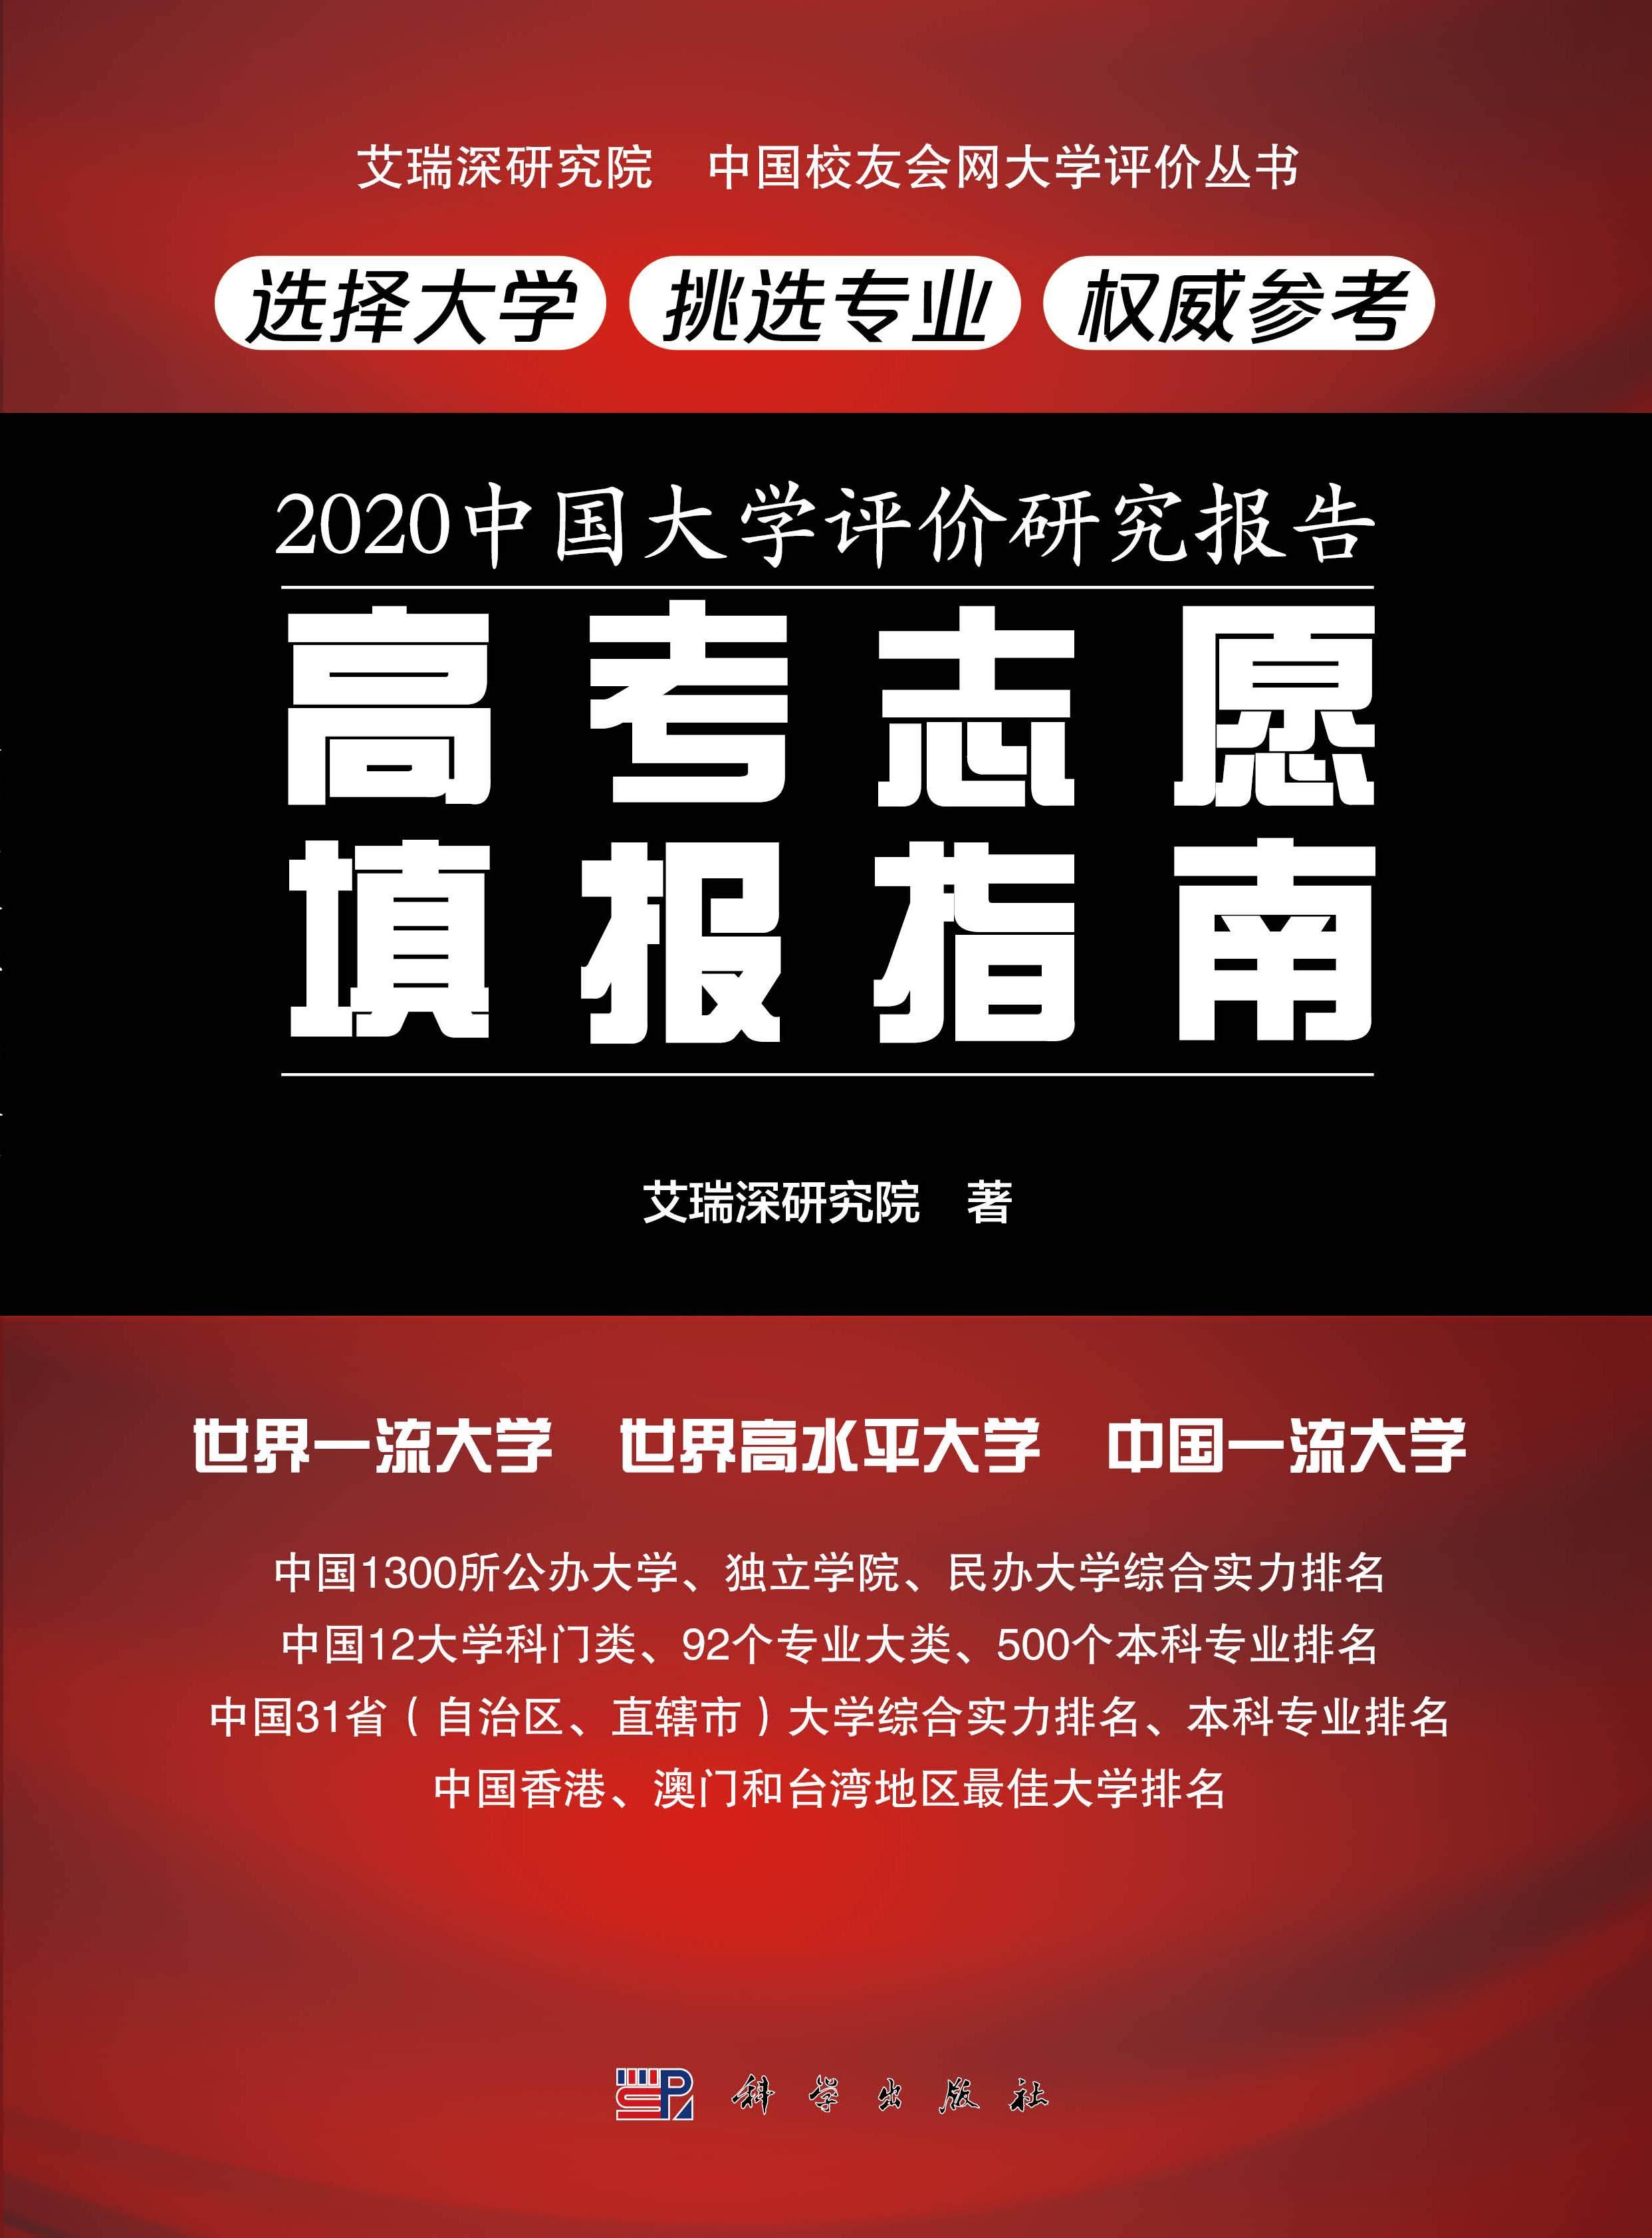 2020中国分类大学排名发布,北京大学、东莞理工学院等排名第一